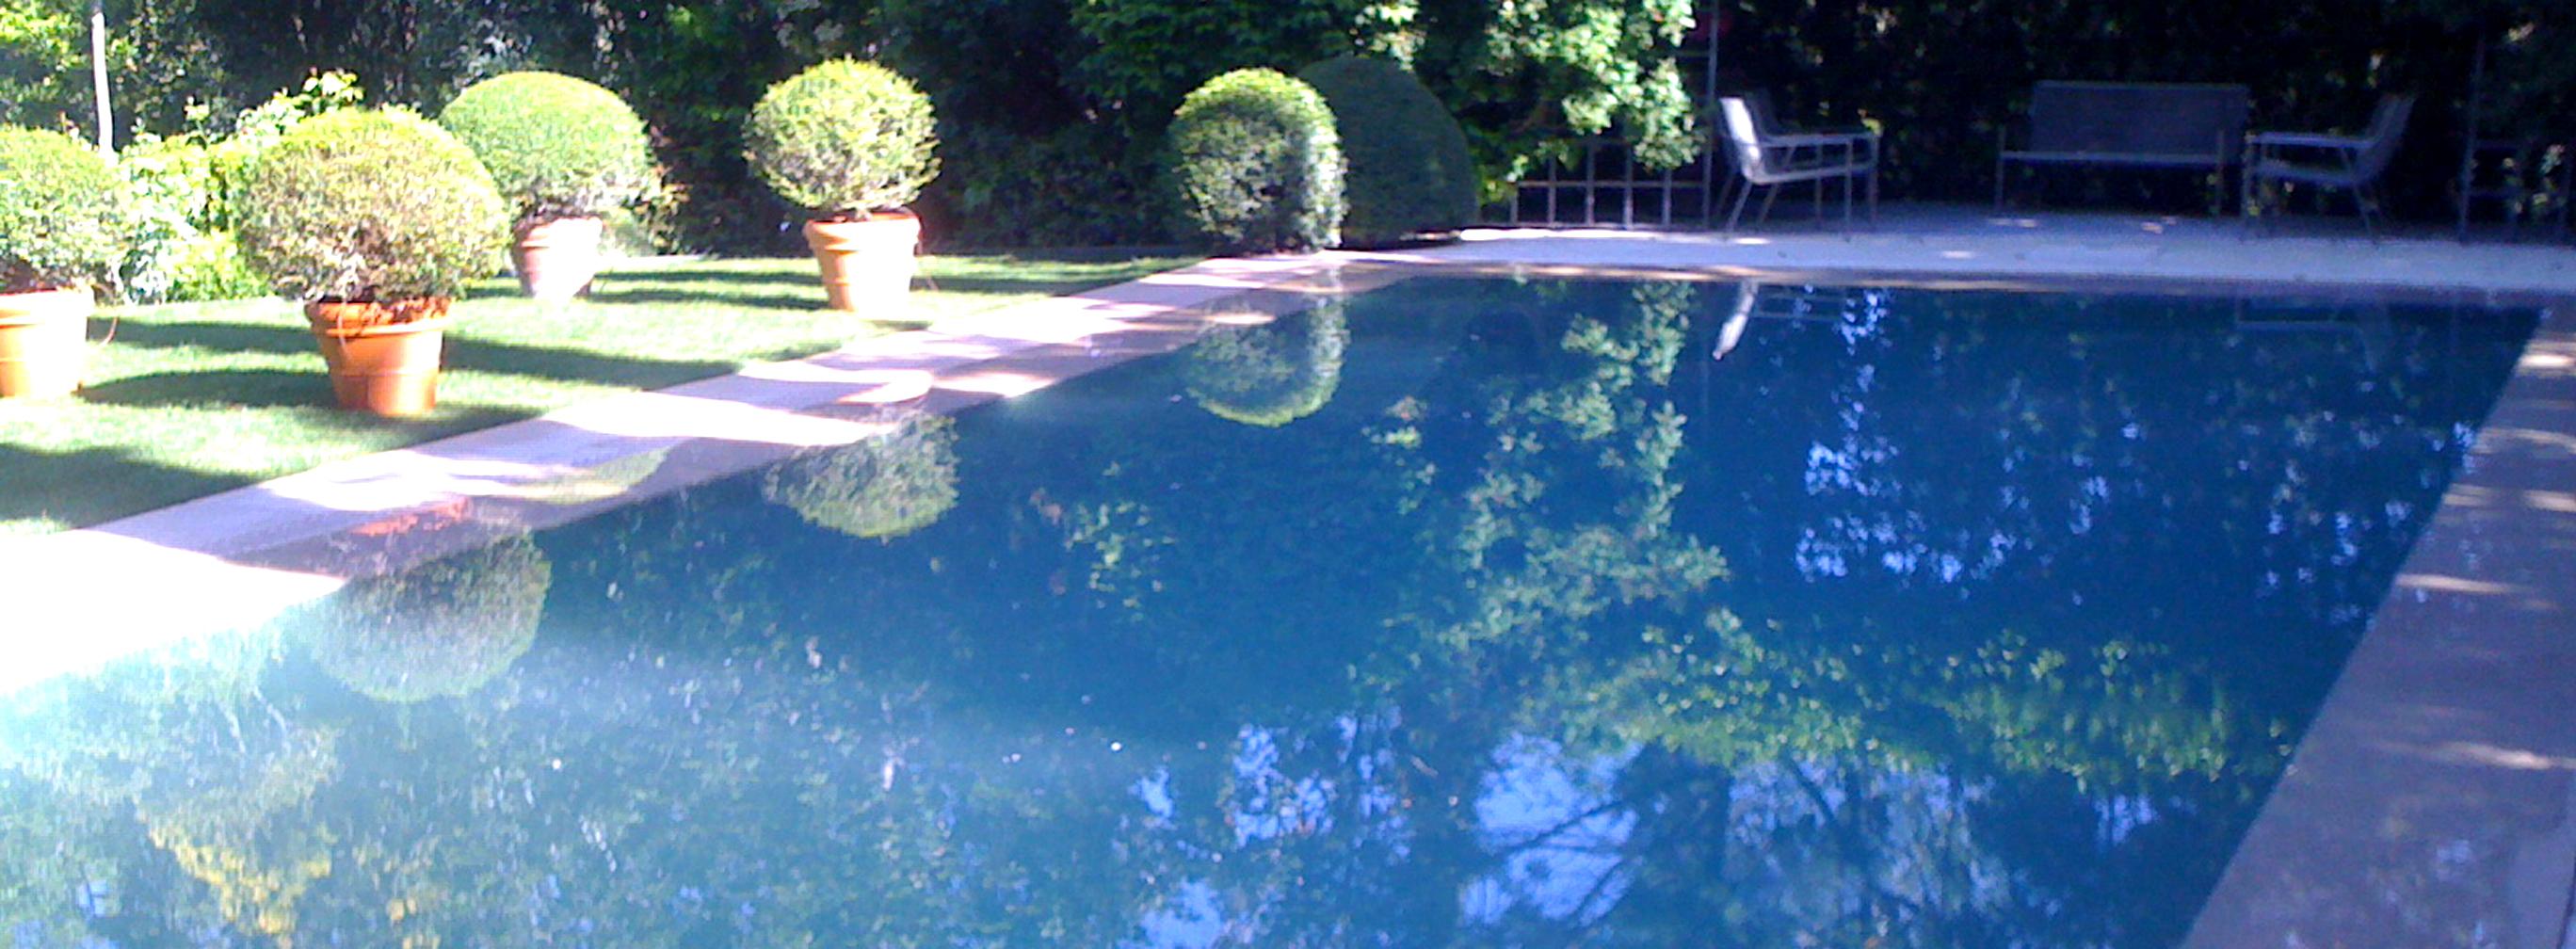 Piedra coronacion piscina precio fabulous piedra coronacion piscina precio with piedra - Coronacion de piscinas precios ...